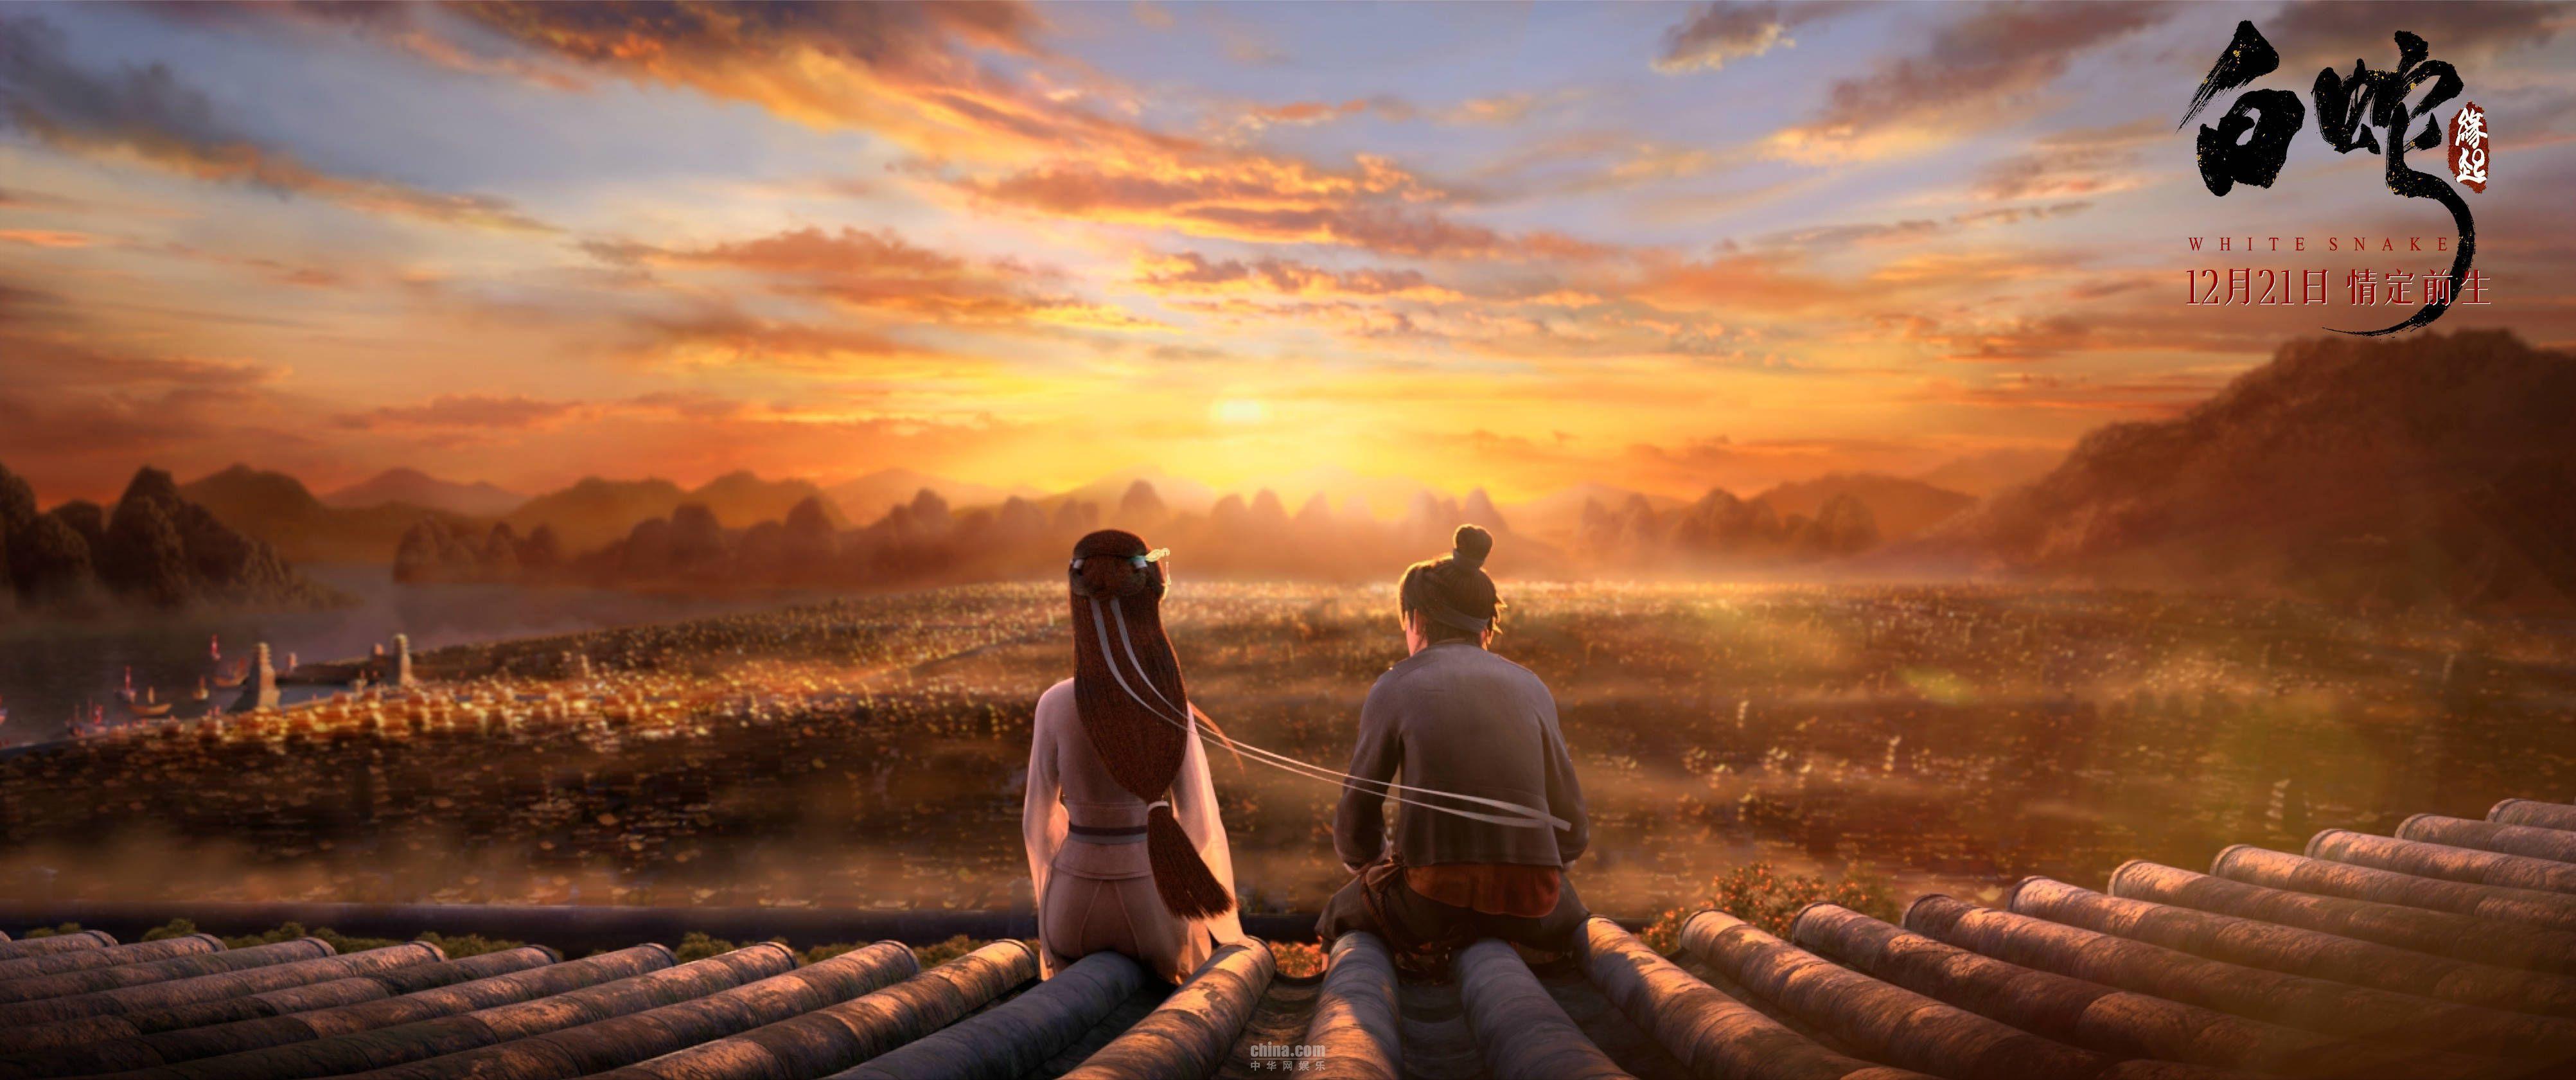 华纳兄弟牵手追光动画 《白蛇:缘起》定档12月21日